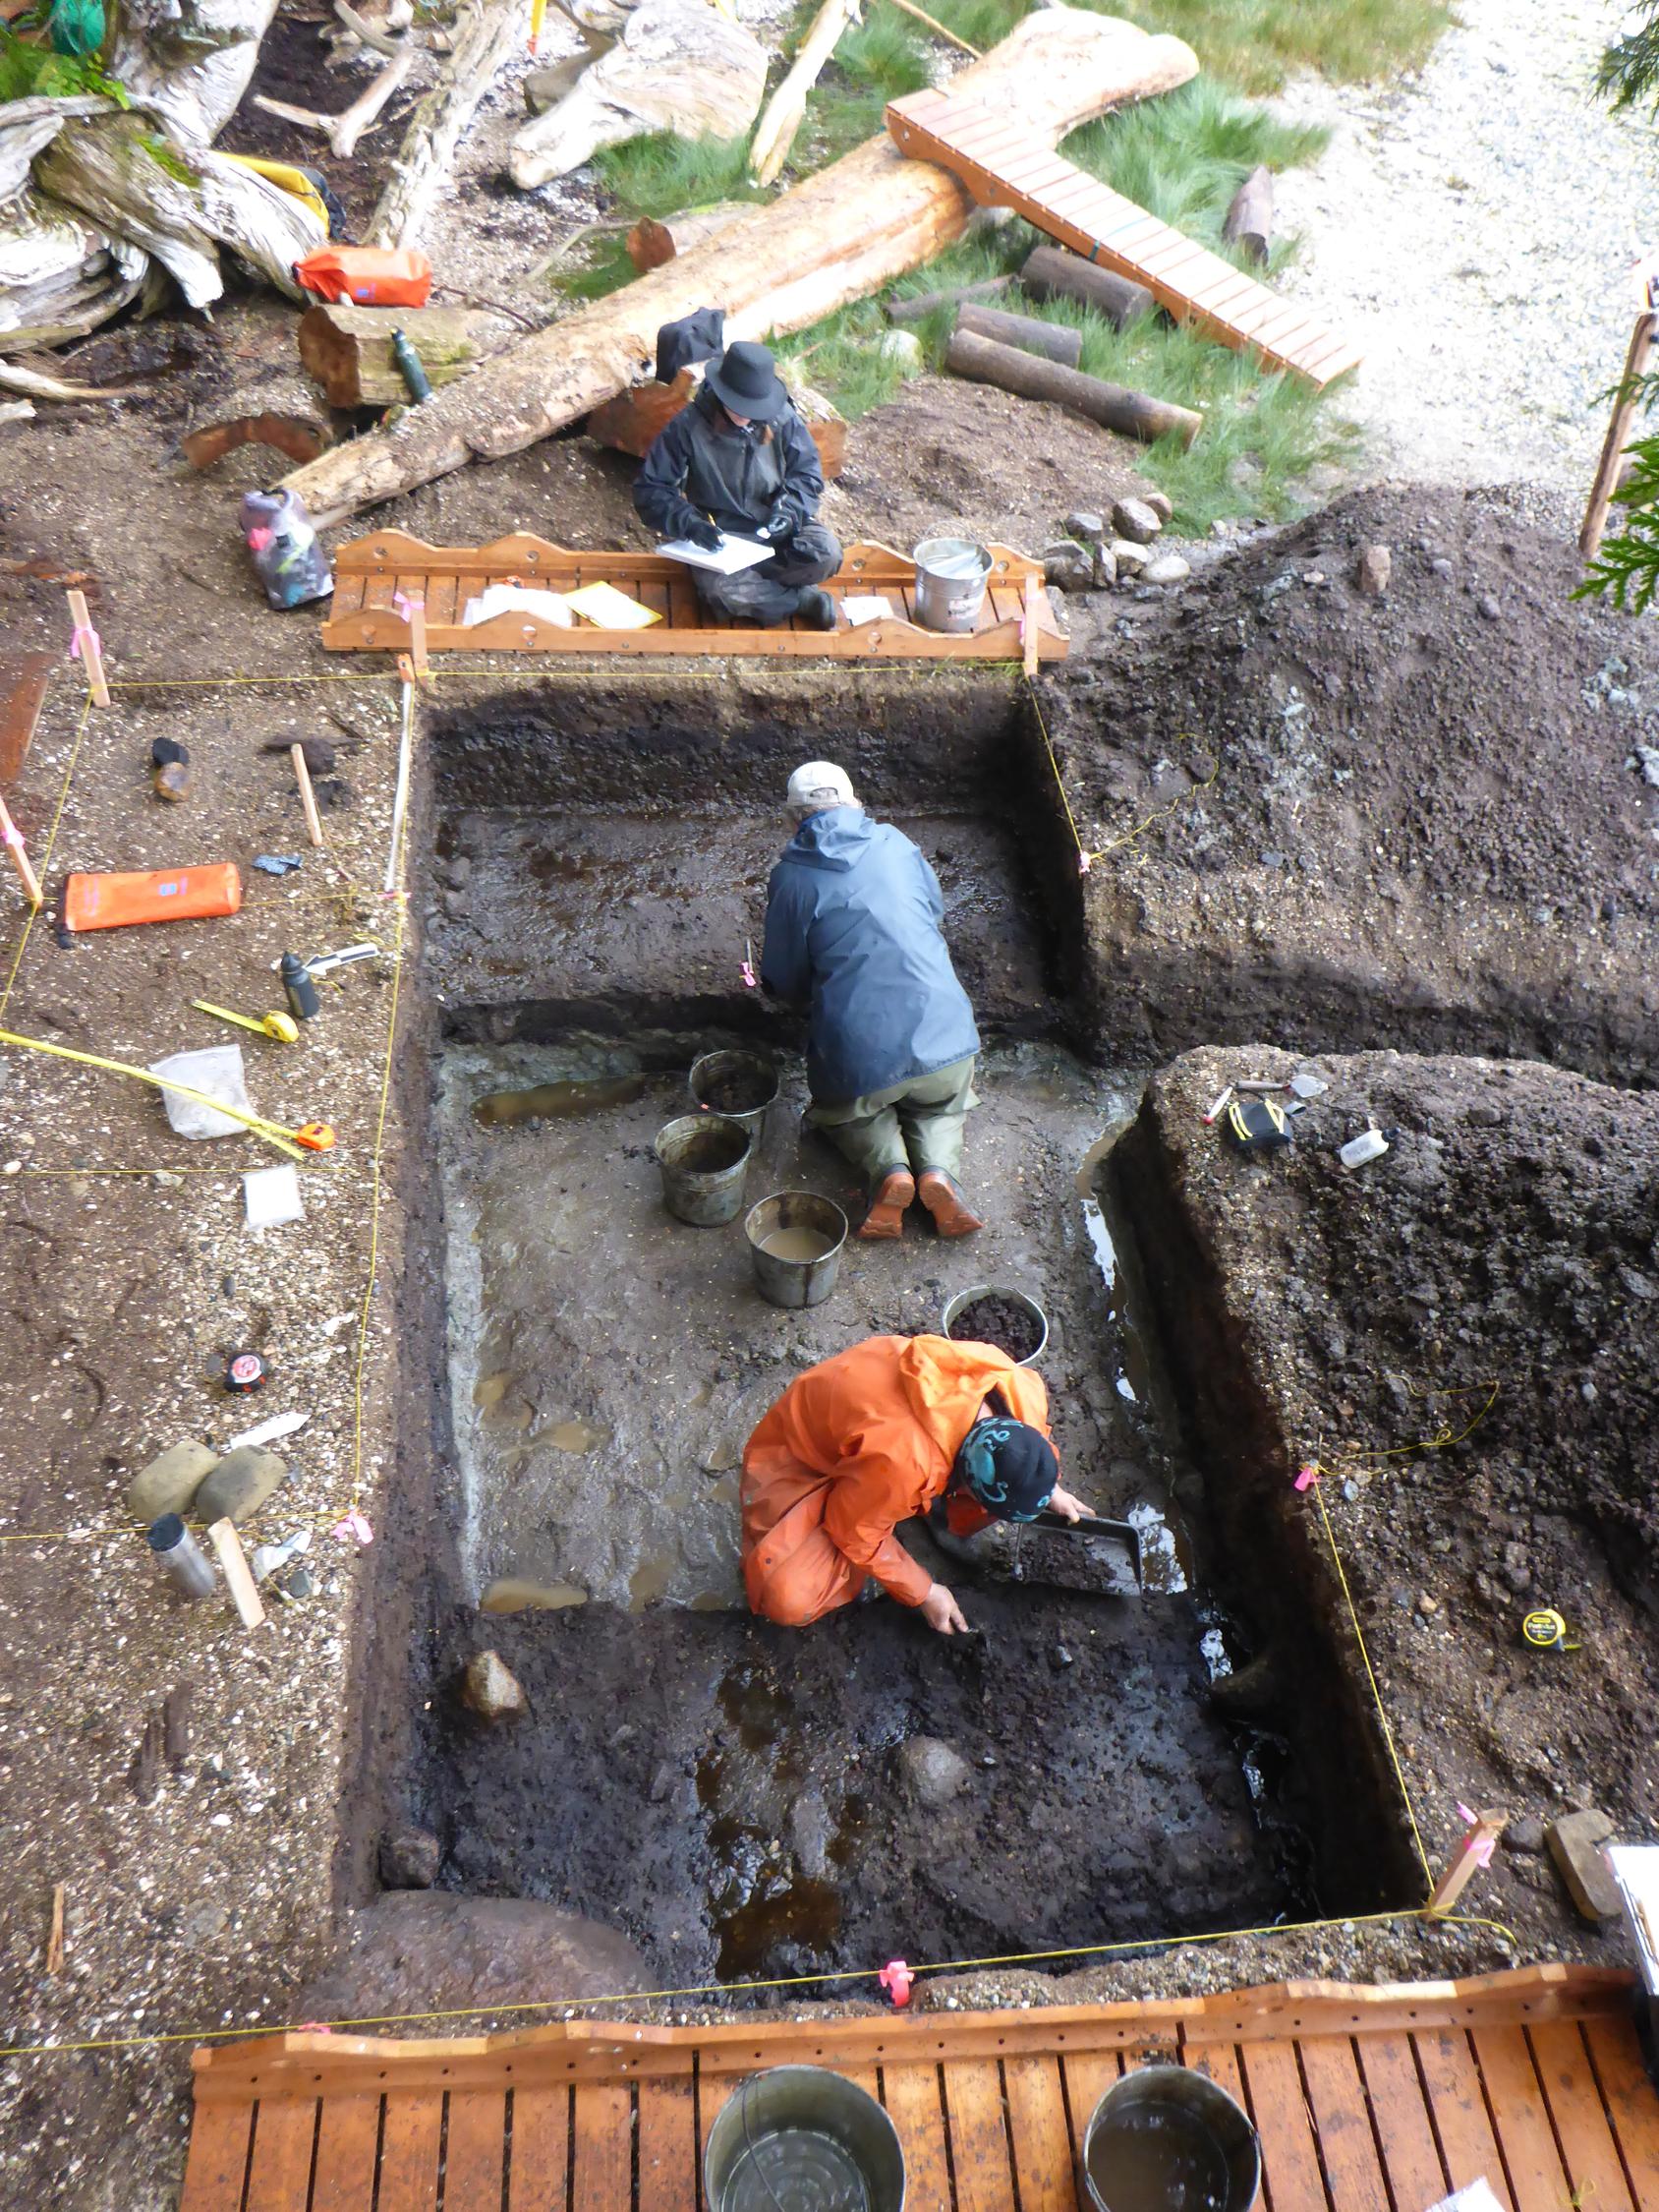 Les plus vieilles traces de pas humains d'Amérique du Nord viennent d'être découvertes au Canada ! Par Nathan Weber                        Journal.pone.0193522.g005